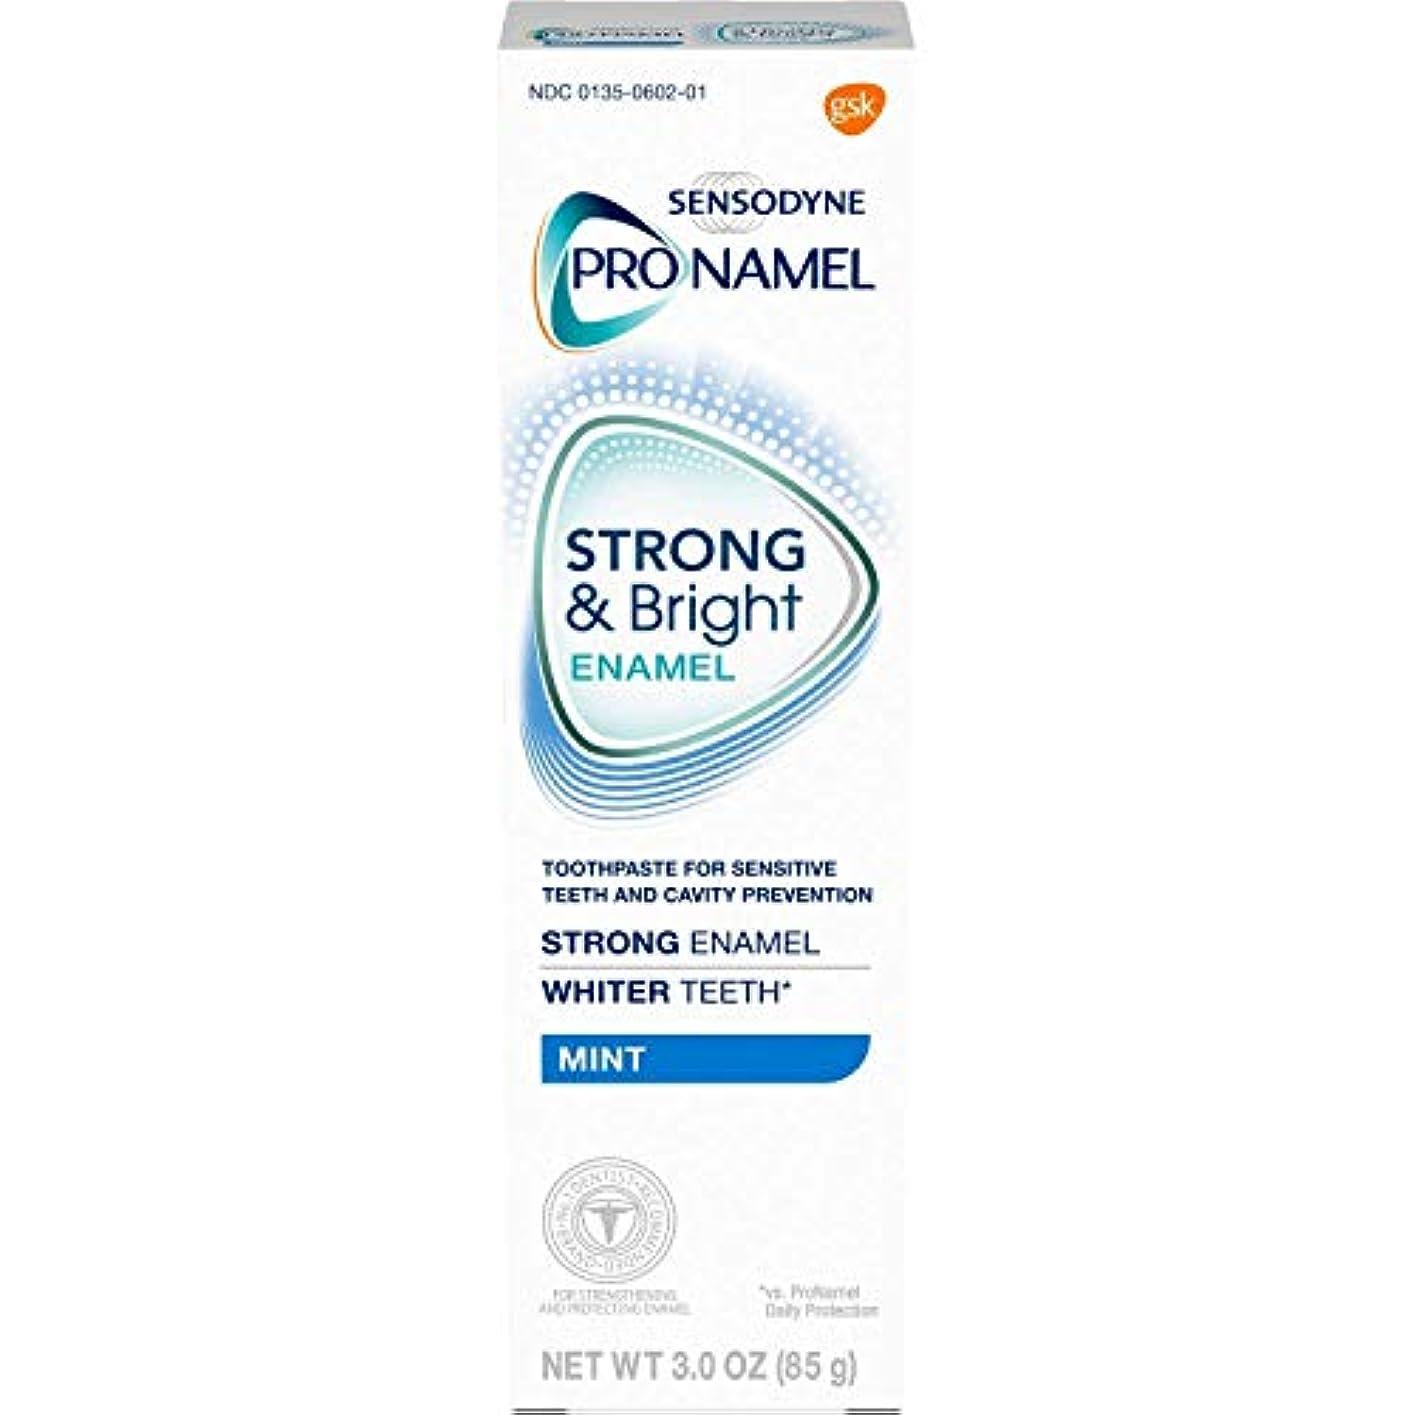 吸い込む密度充電SENSODYNE PRONAMEL 敏感な歯のミントのためにSensodyne ProNamelストロング&明るいエナメルハミガキ - 3オンス、6パック